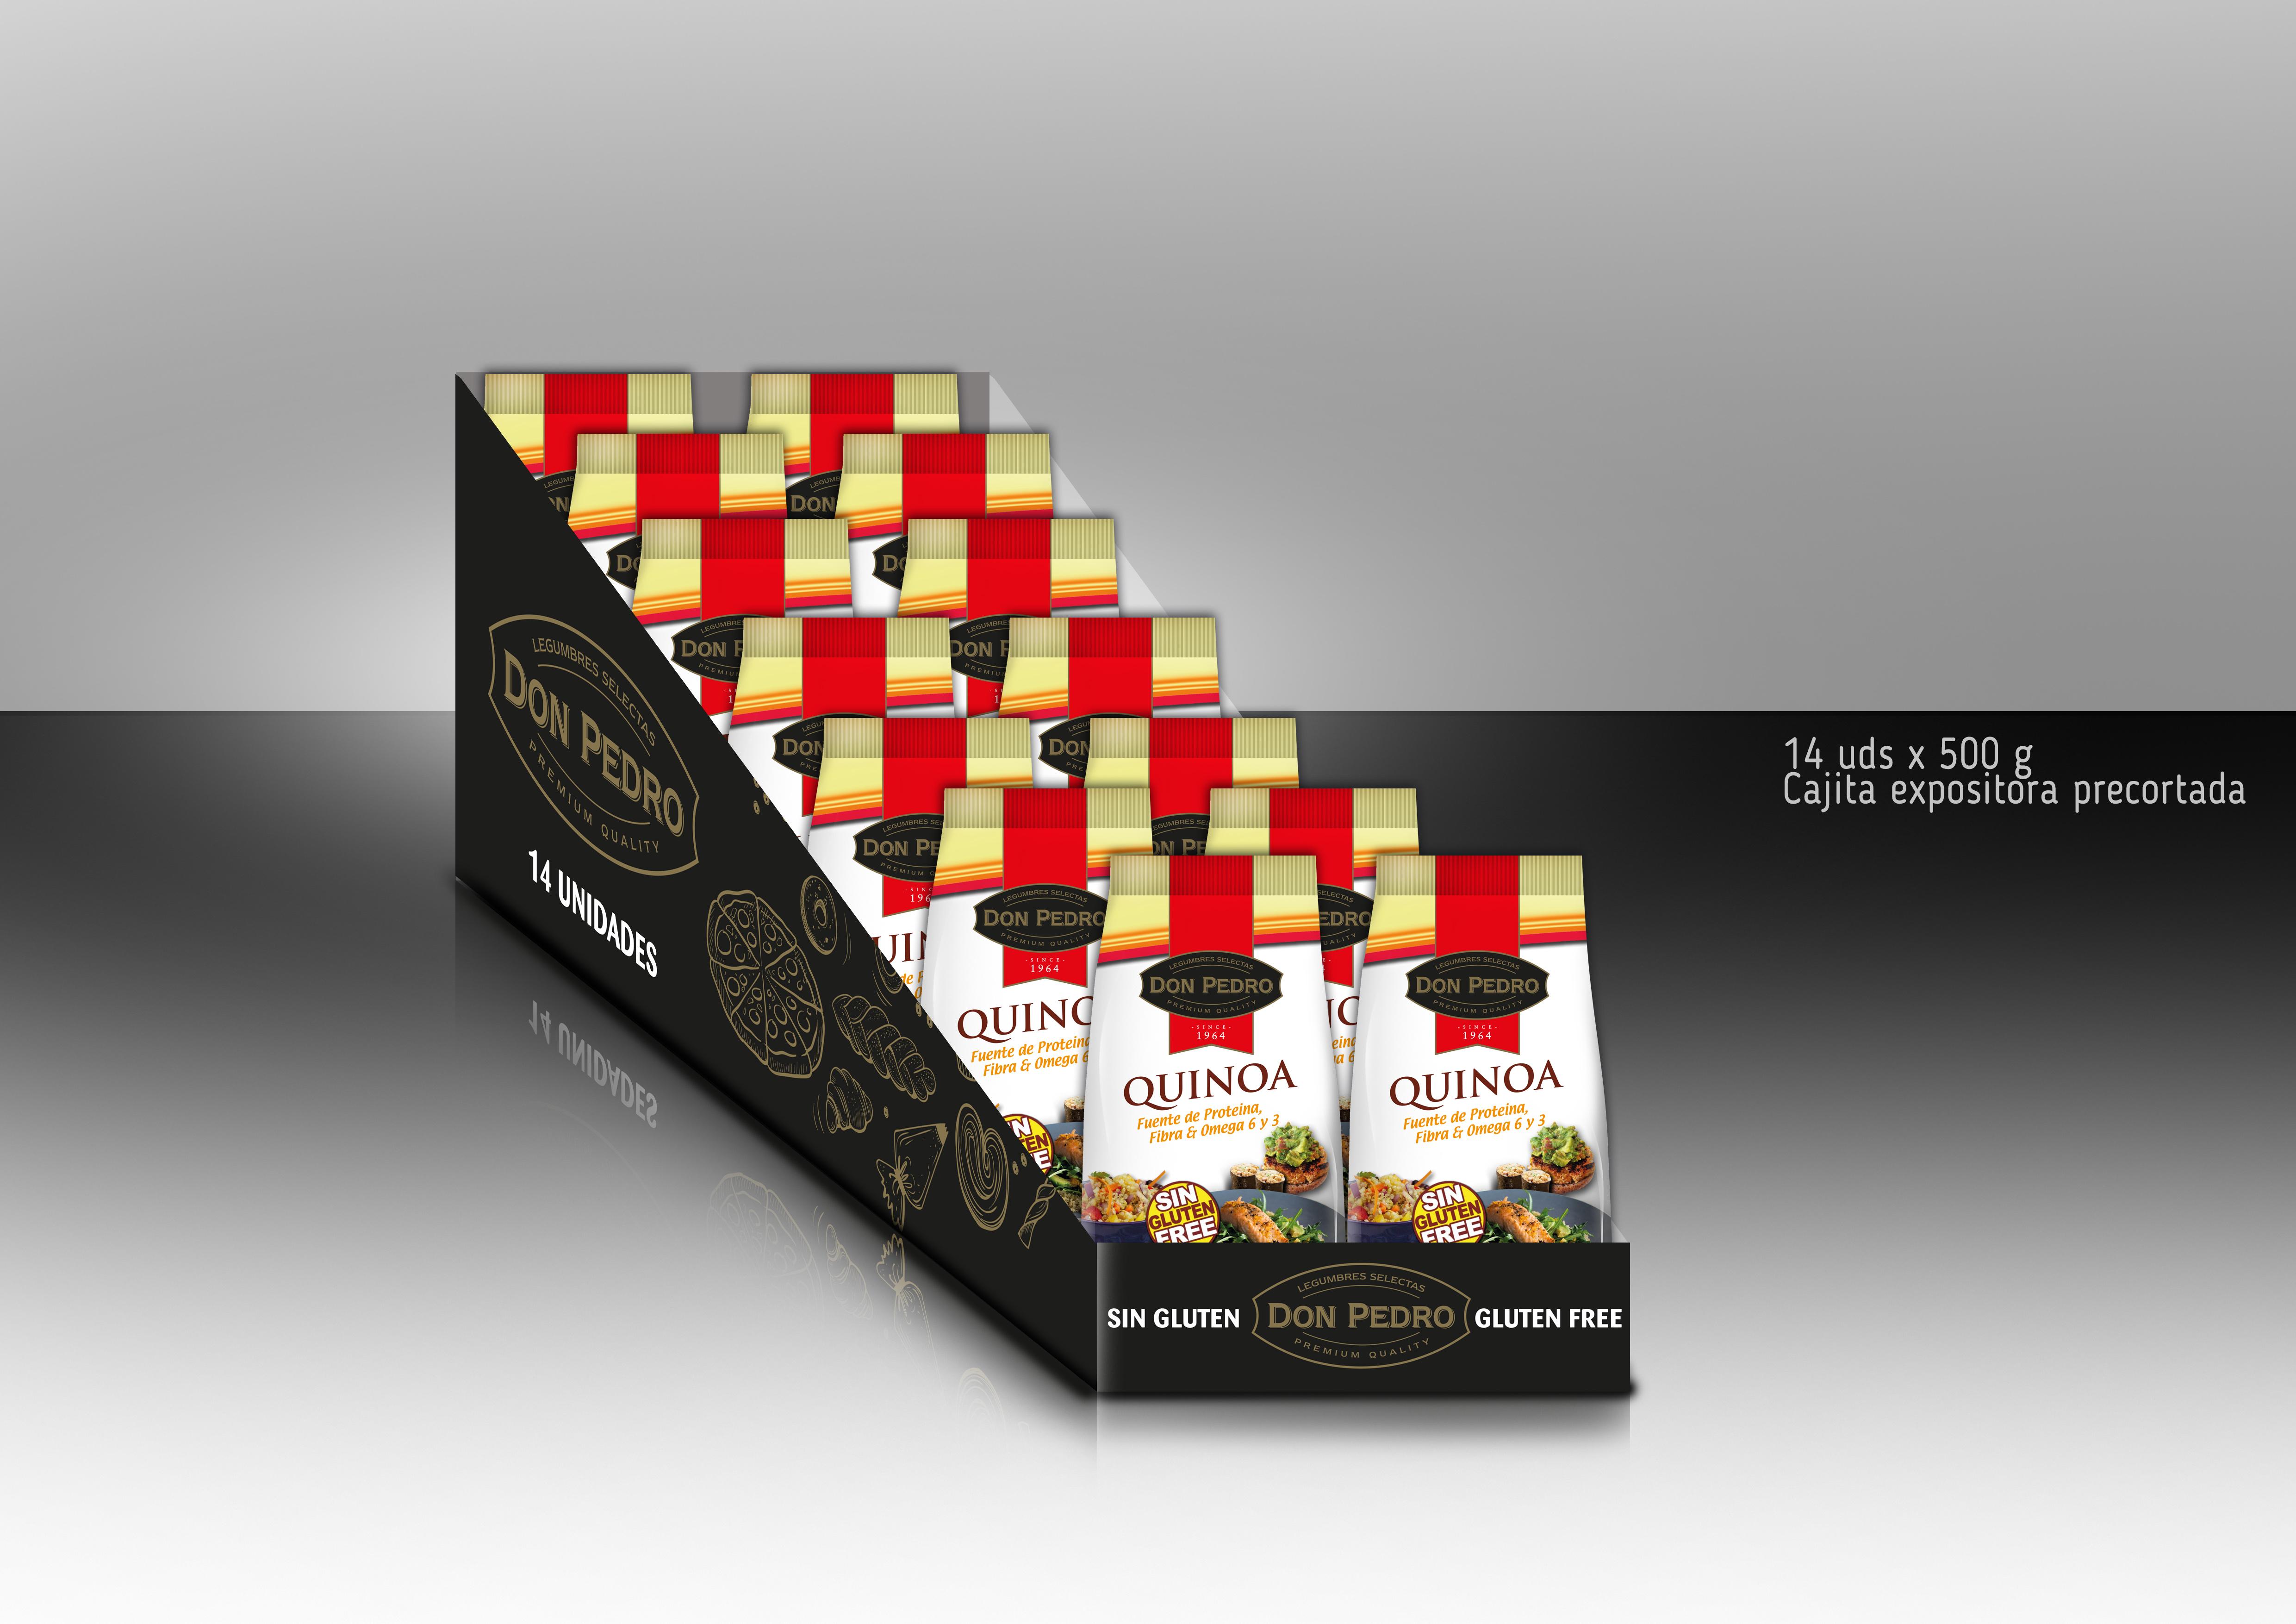 Caja expositora Quinoa 500g 14 und.